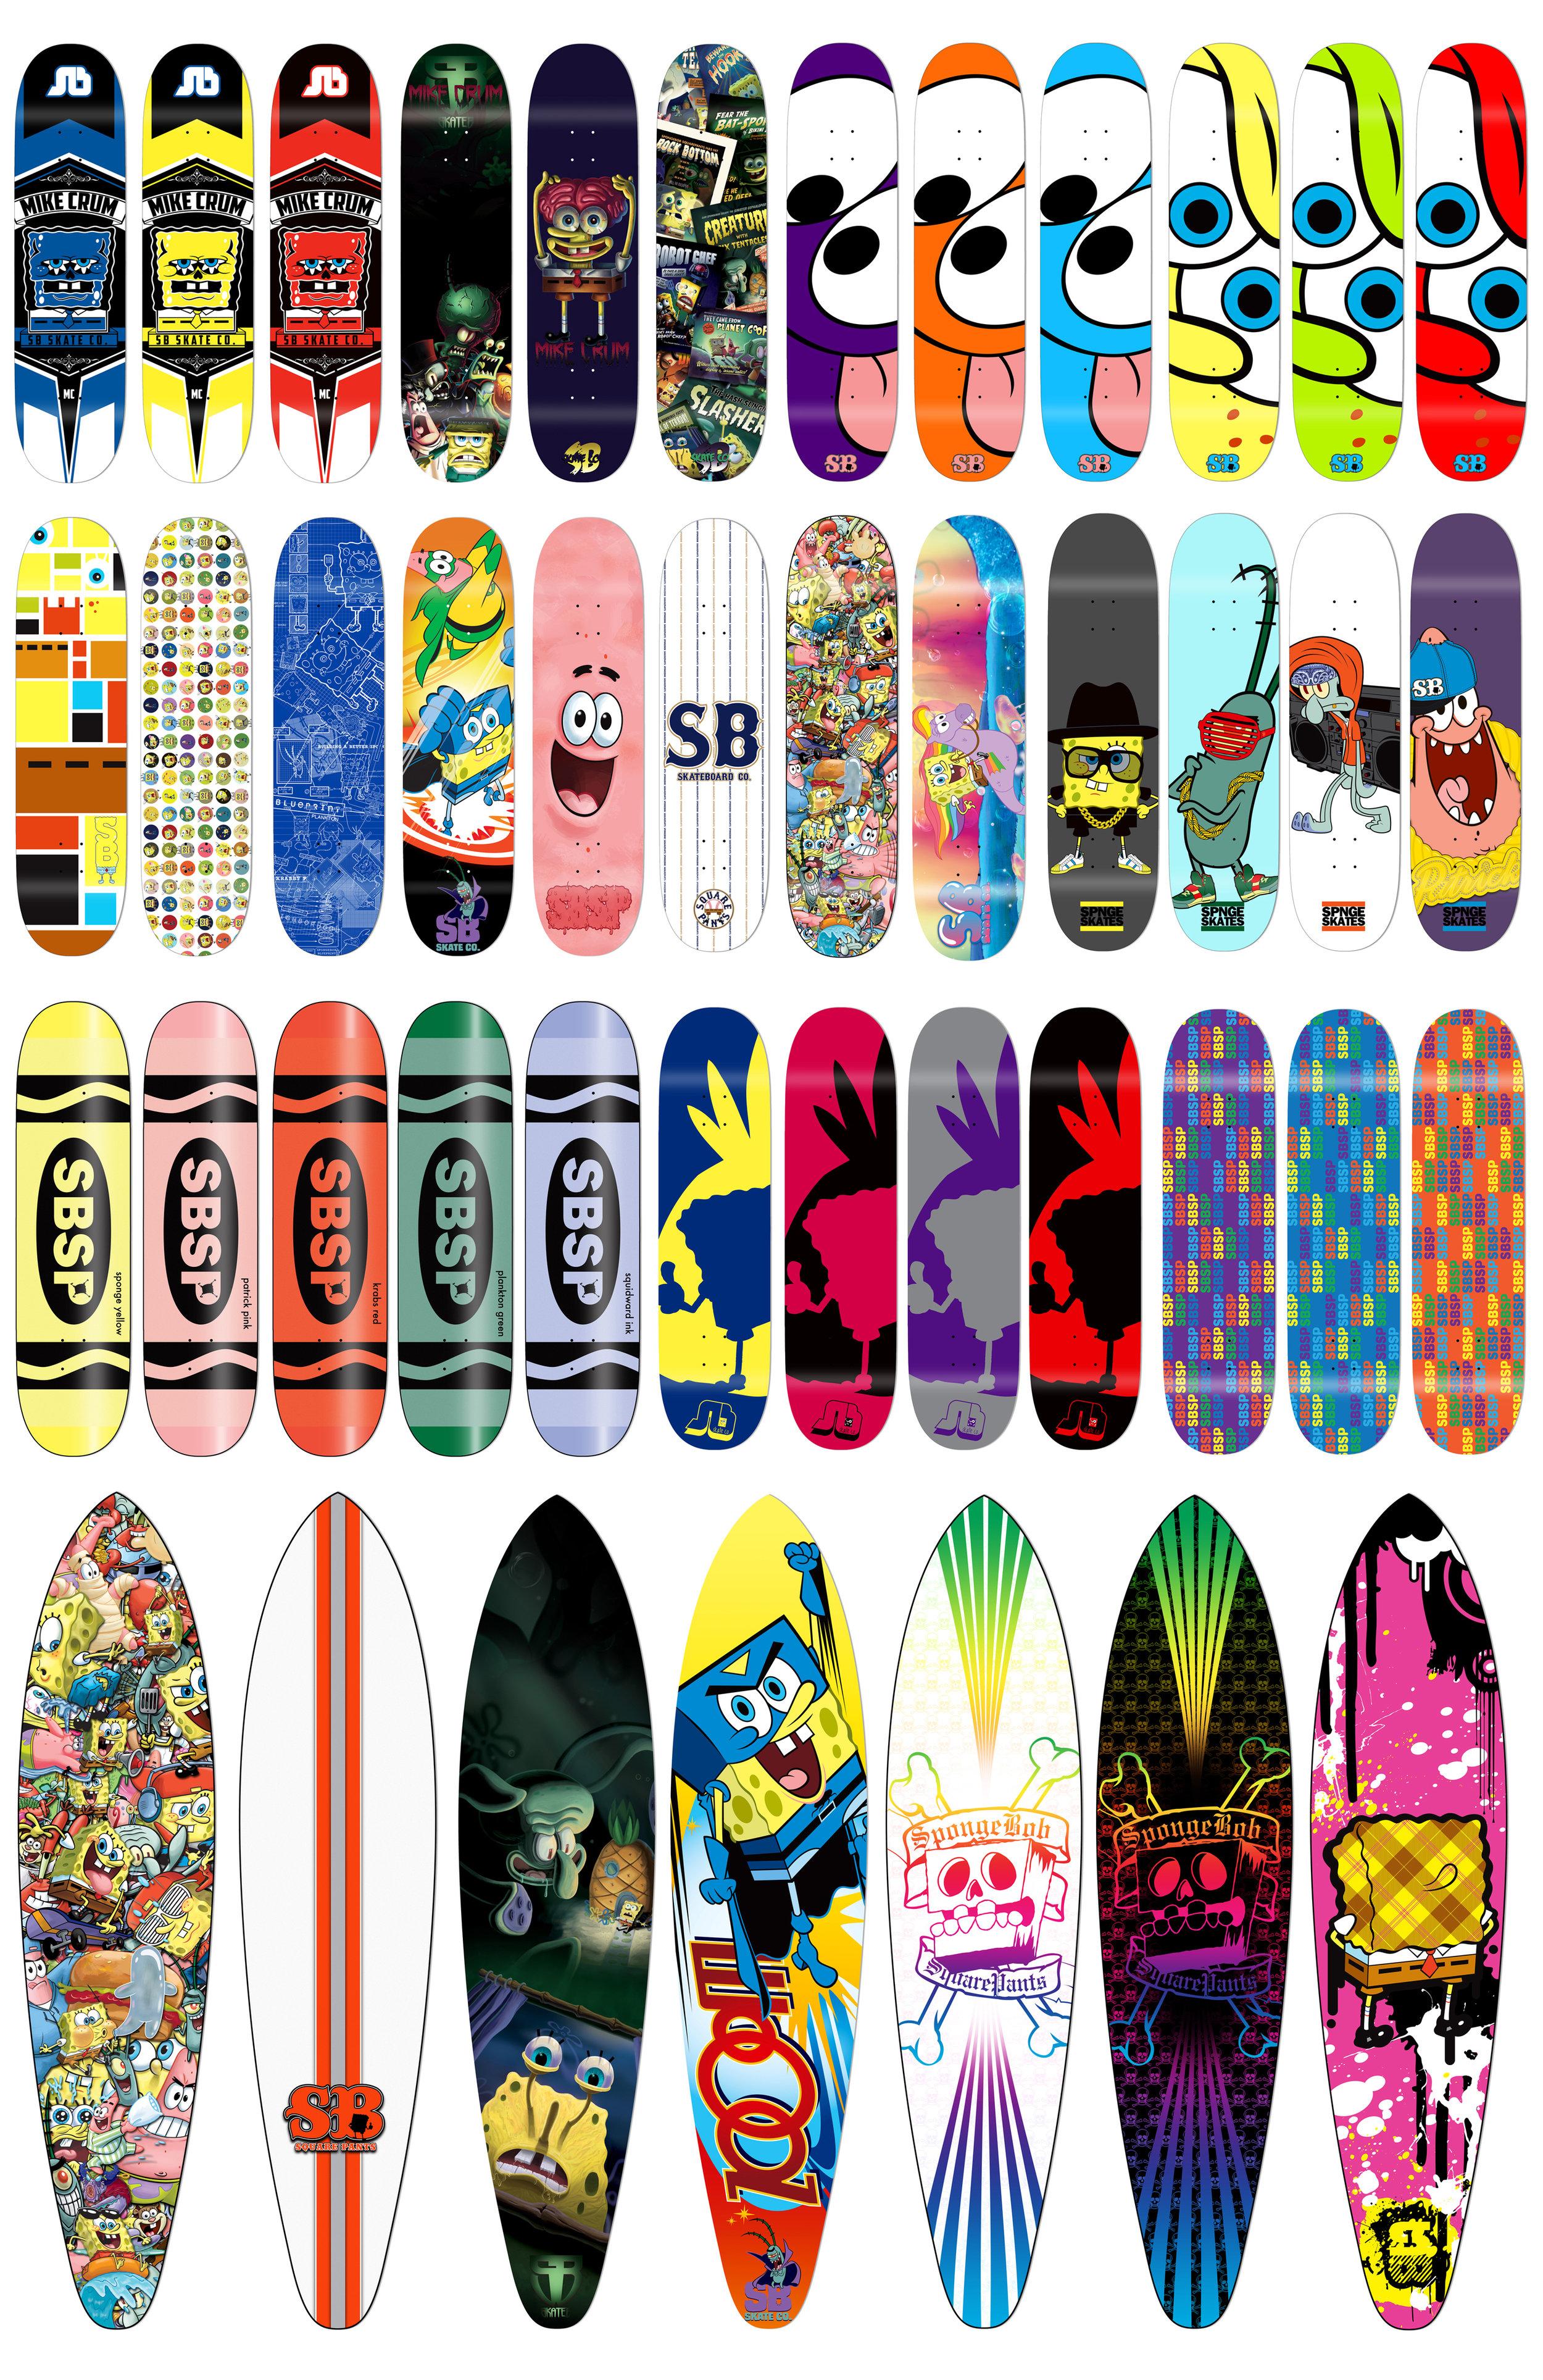 deck-layout4.jpg